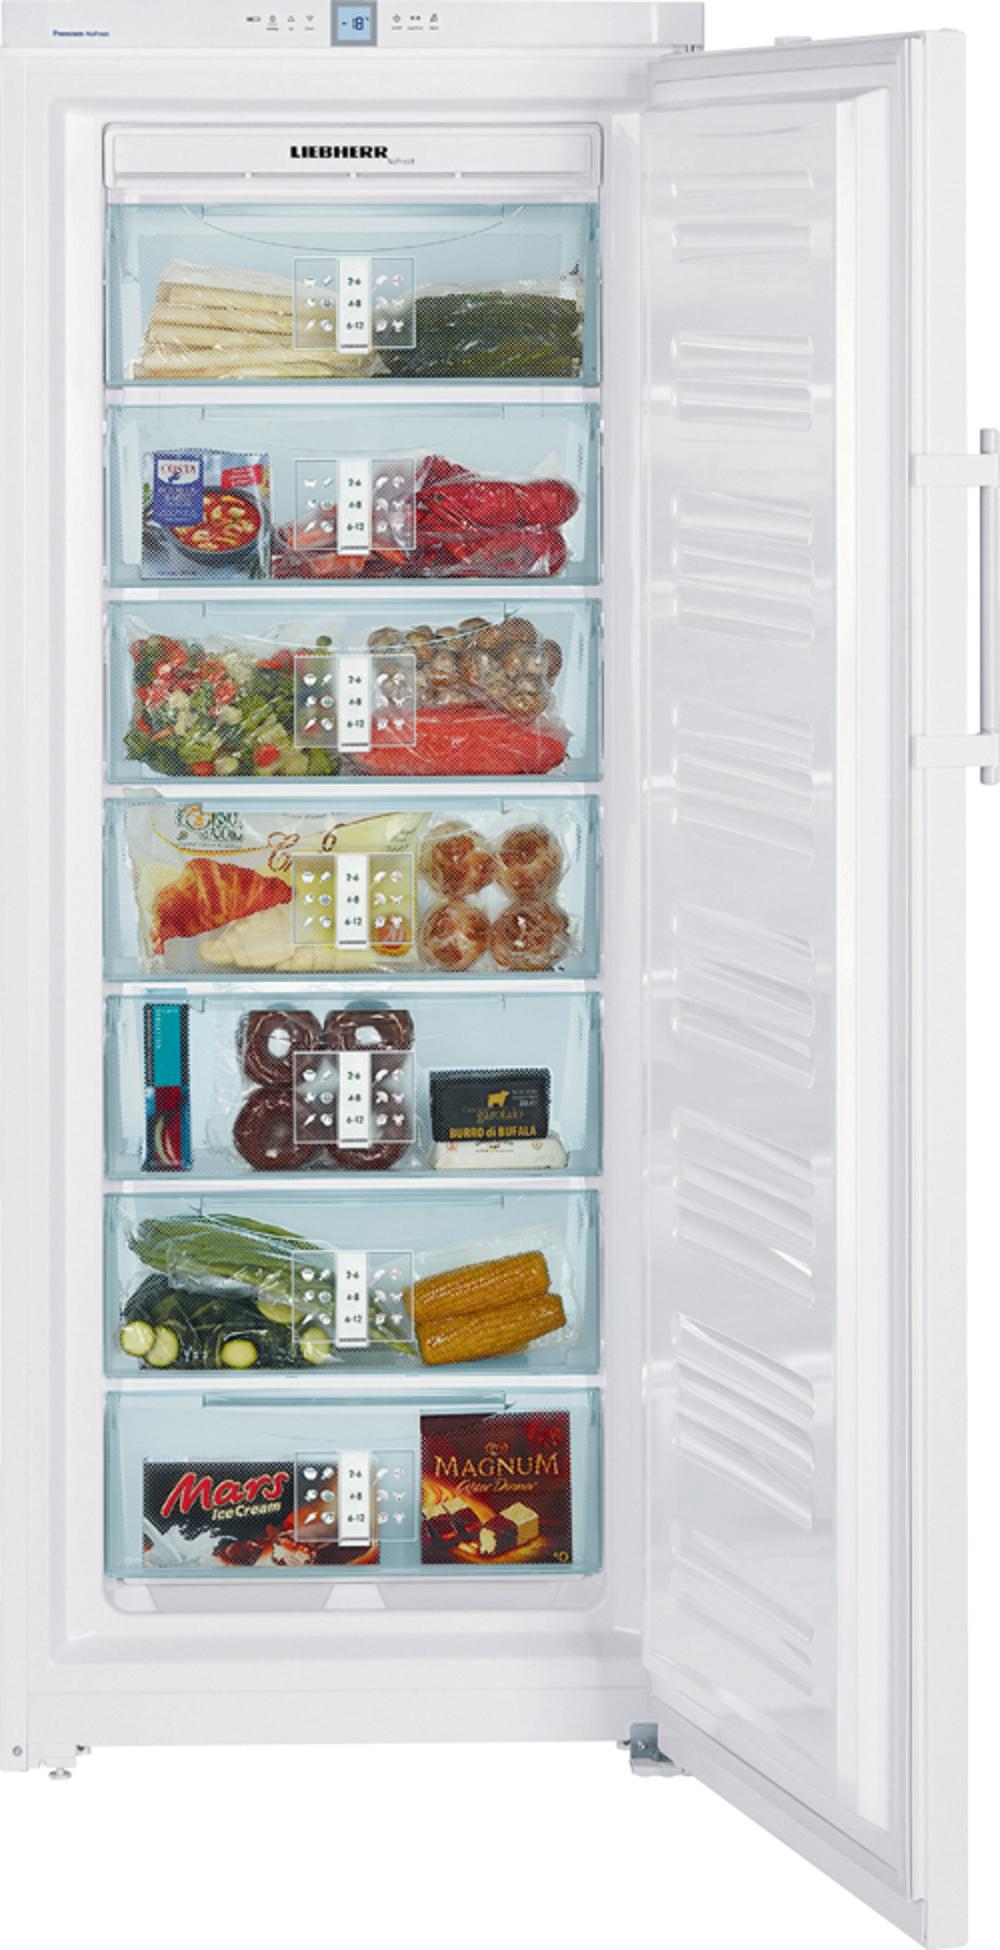 liebherr gnp 3666 20 001 frys fritst ende fryssk p endast. Black Bedroom Furniture Sets. Home Design Ideas